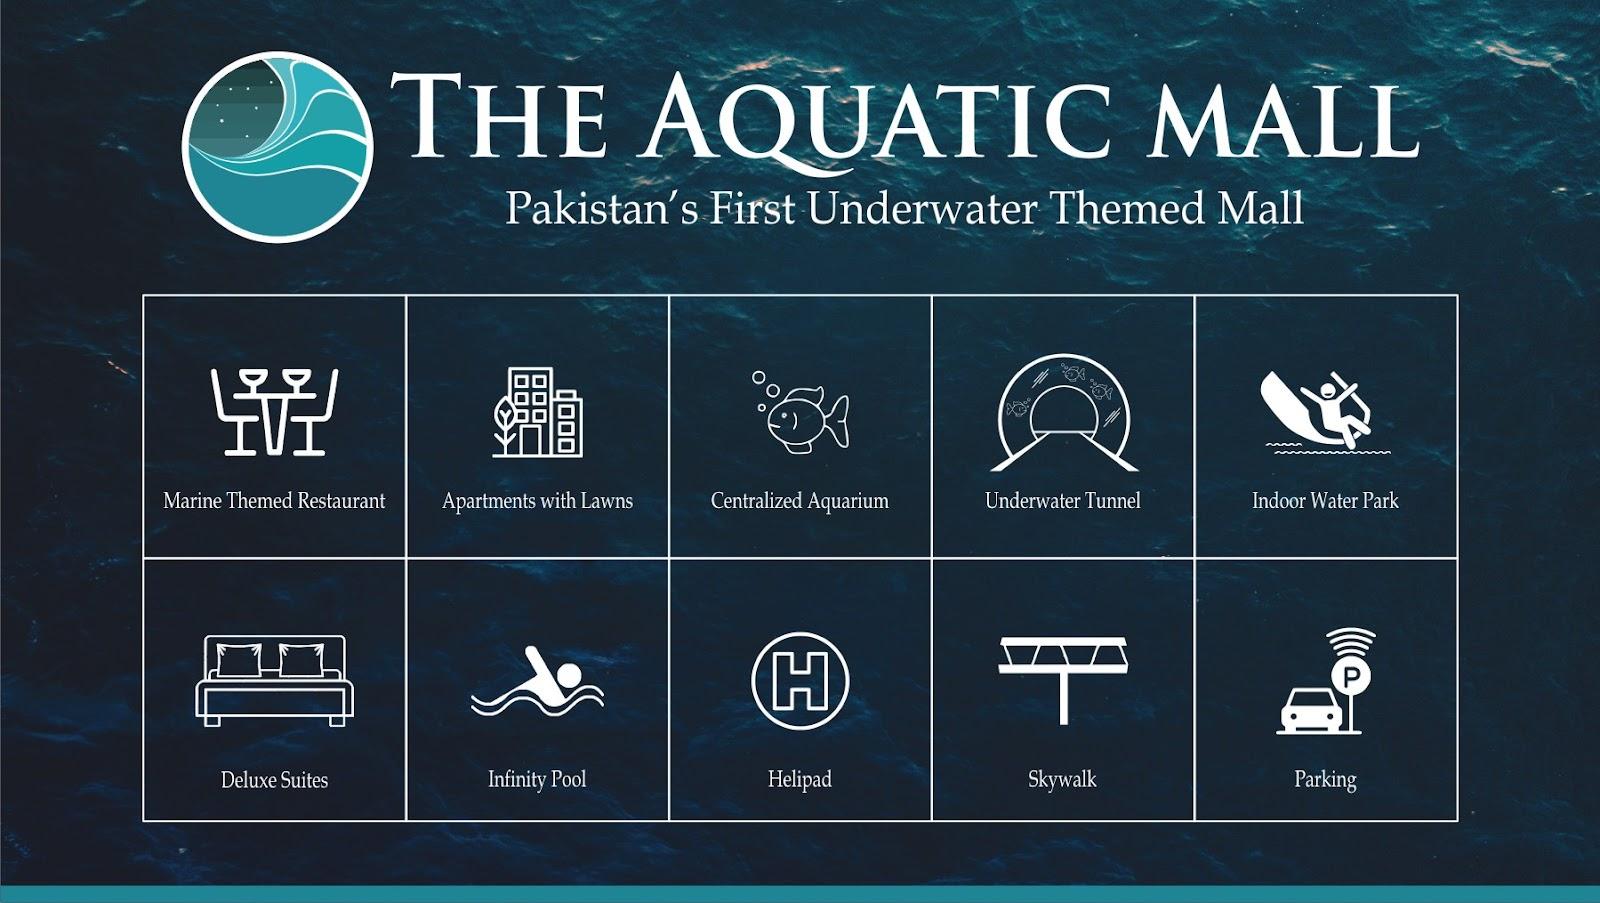 Aquatic-mall-features-list